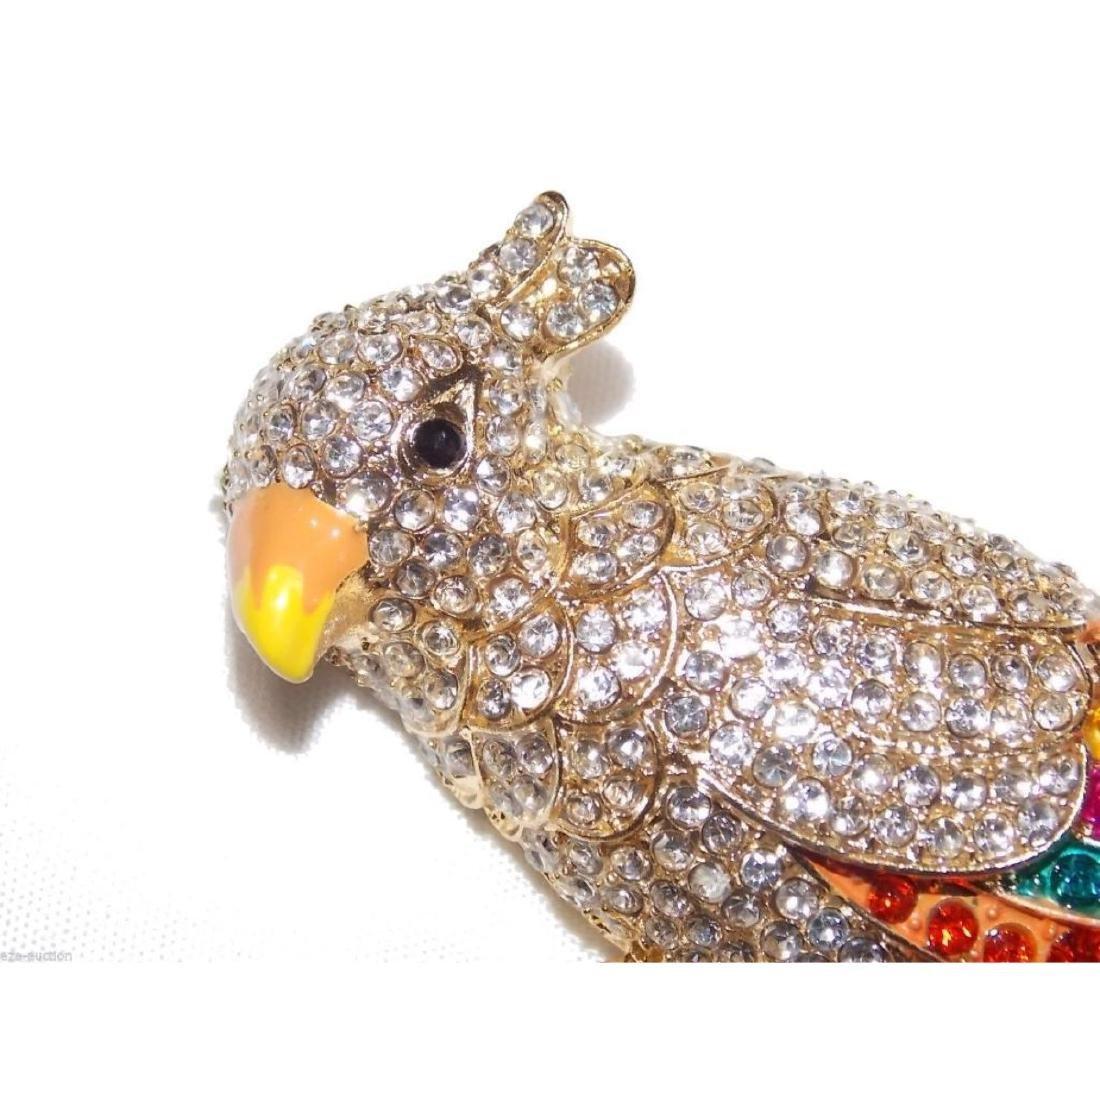 Multicolor Crystal Gold Parrot Brooch / Pin - 2